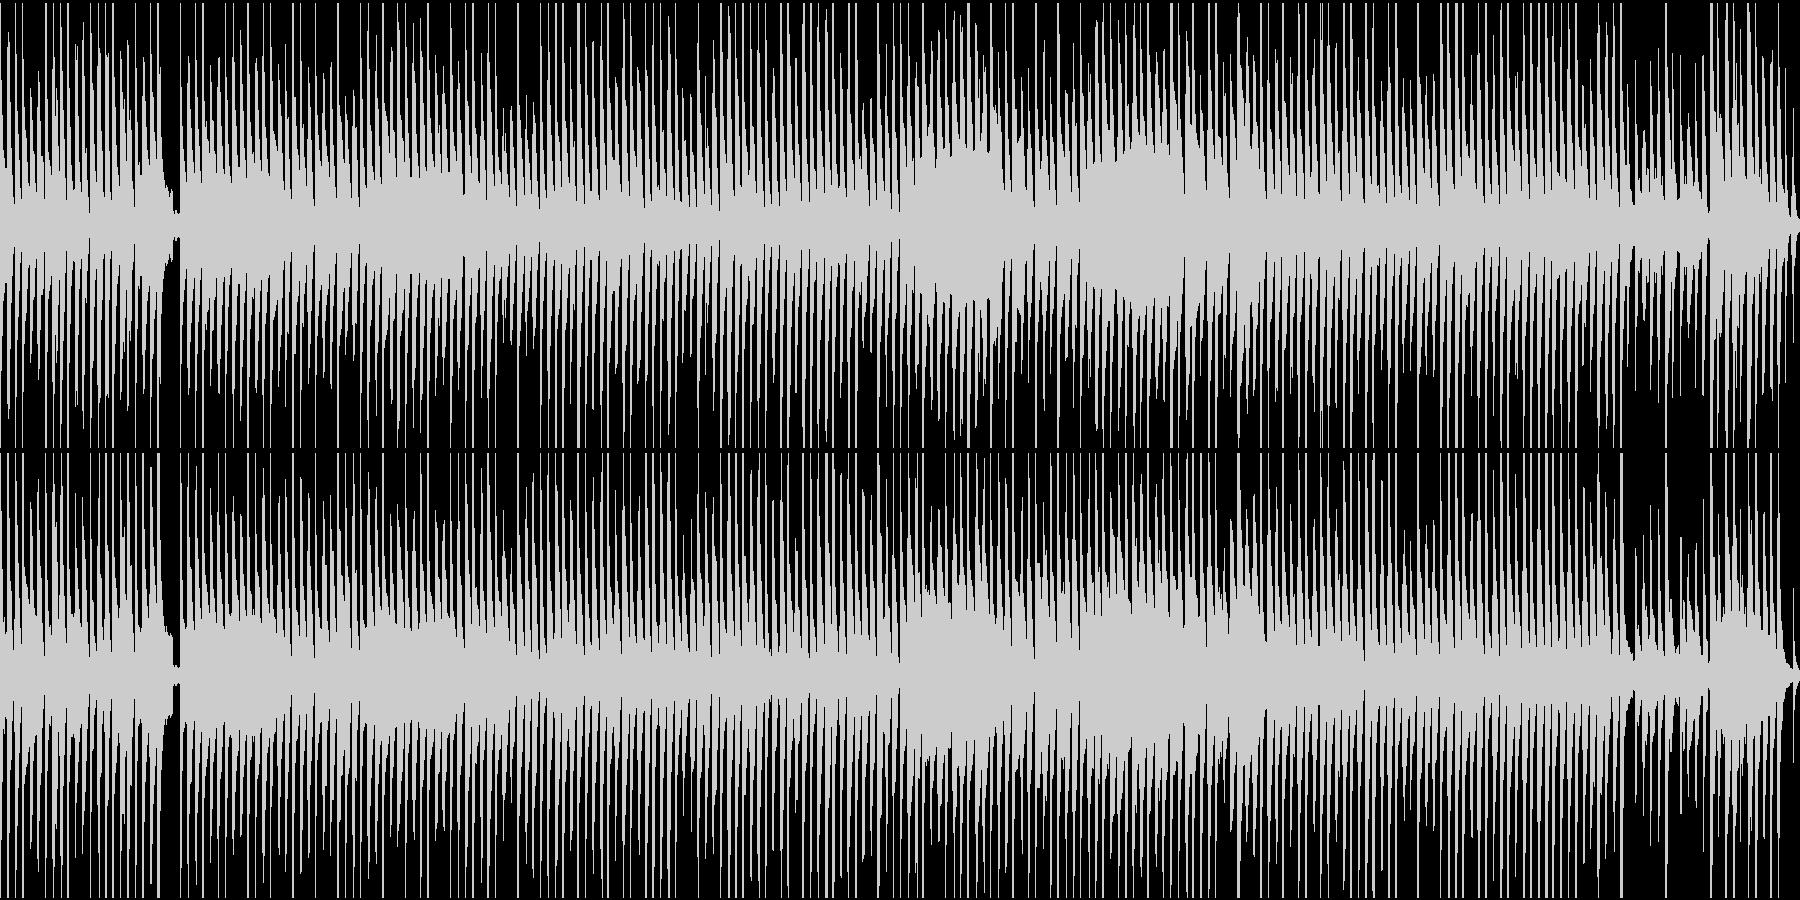 琴他が奏でるほのぼのワルツ(ループ)の未再生の波形